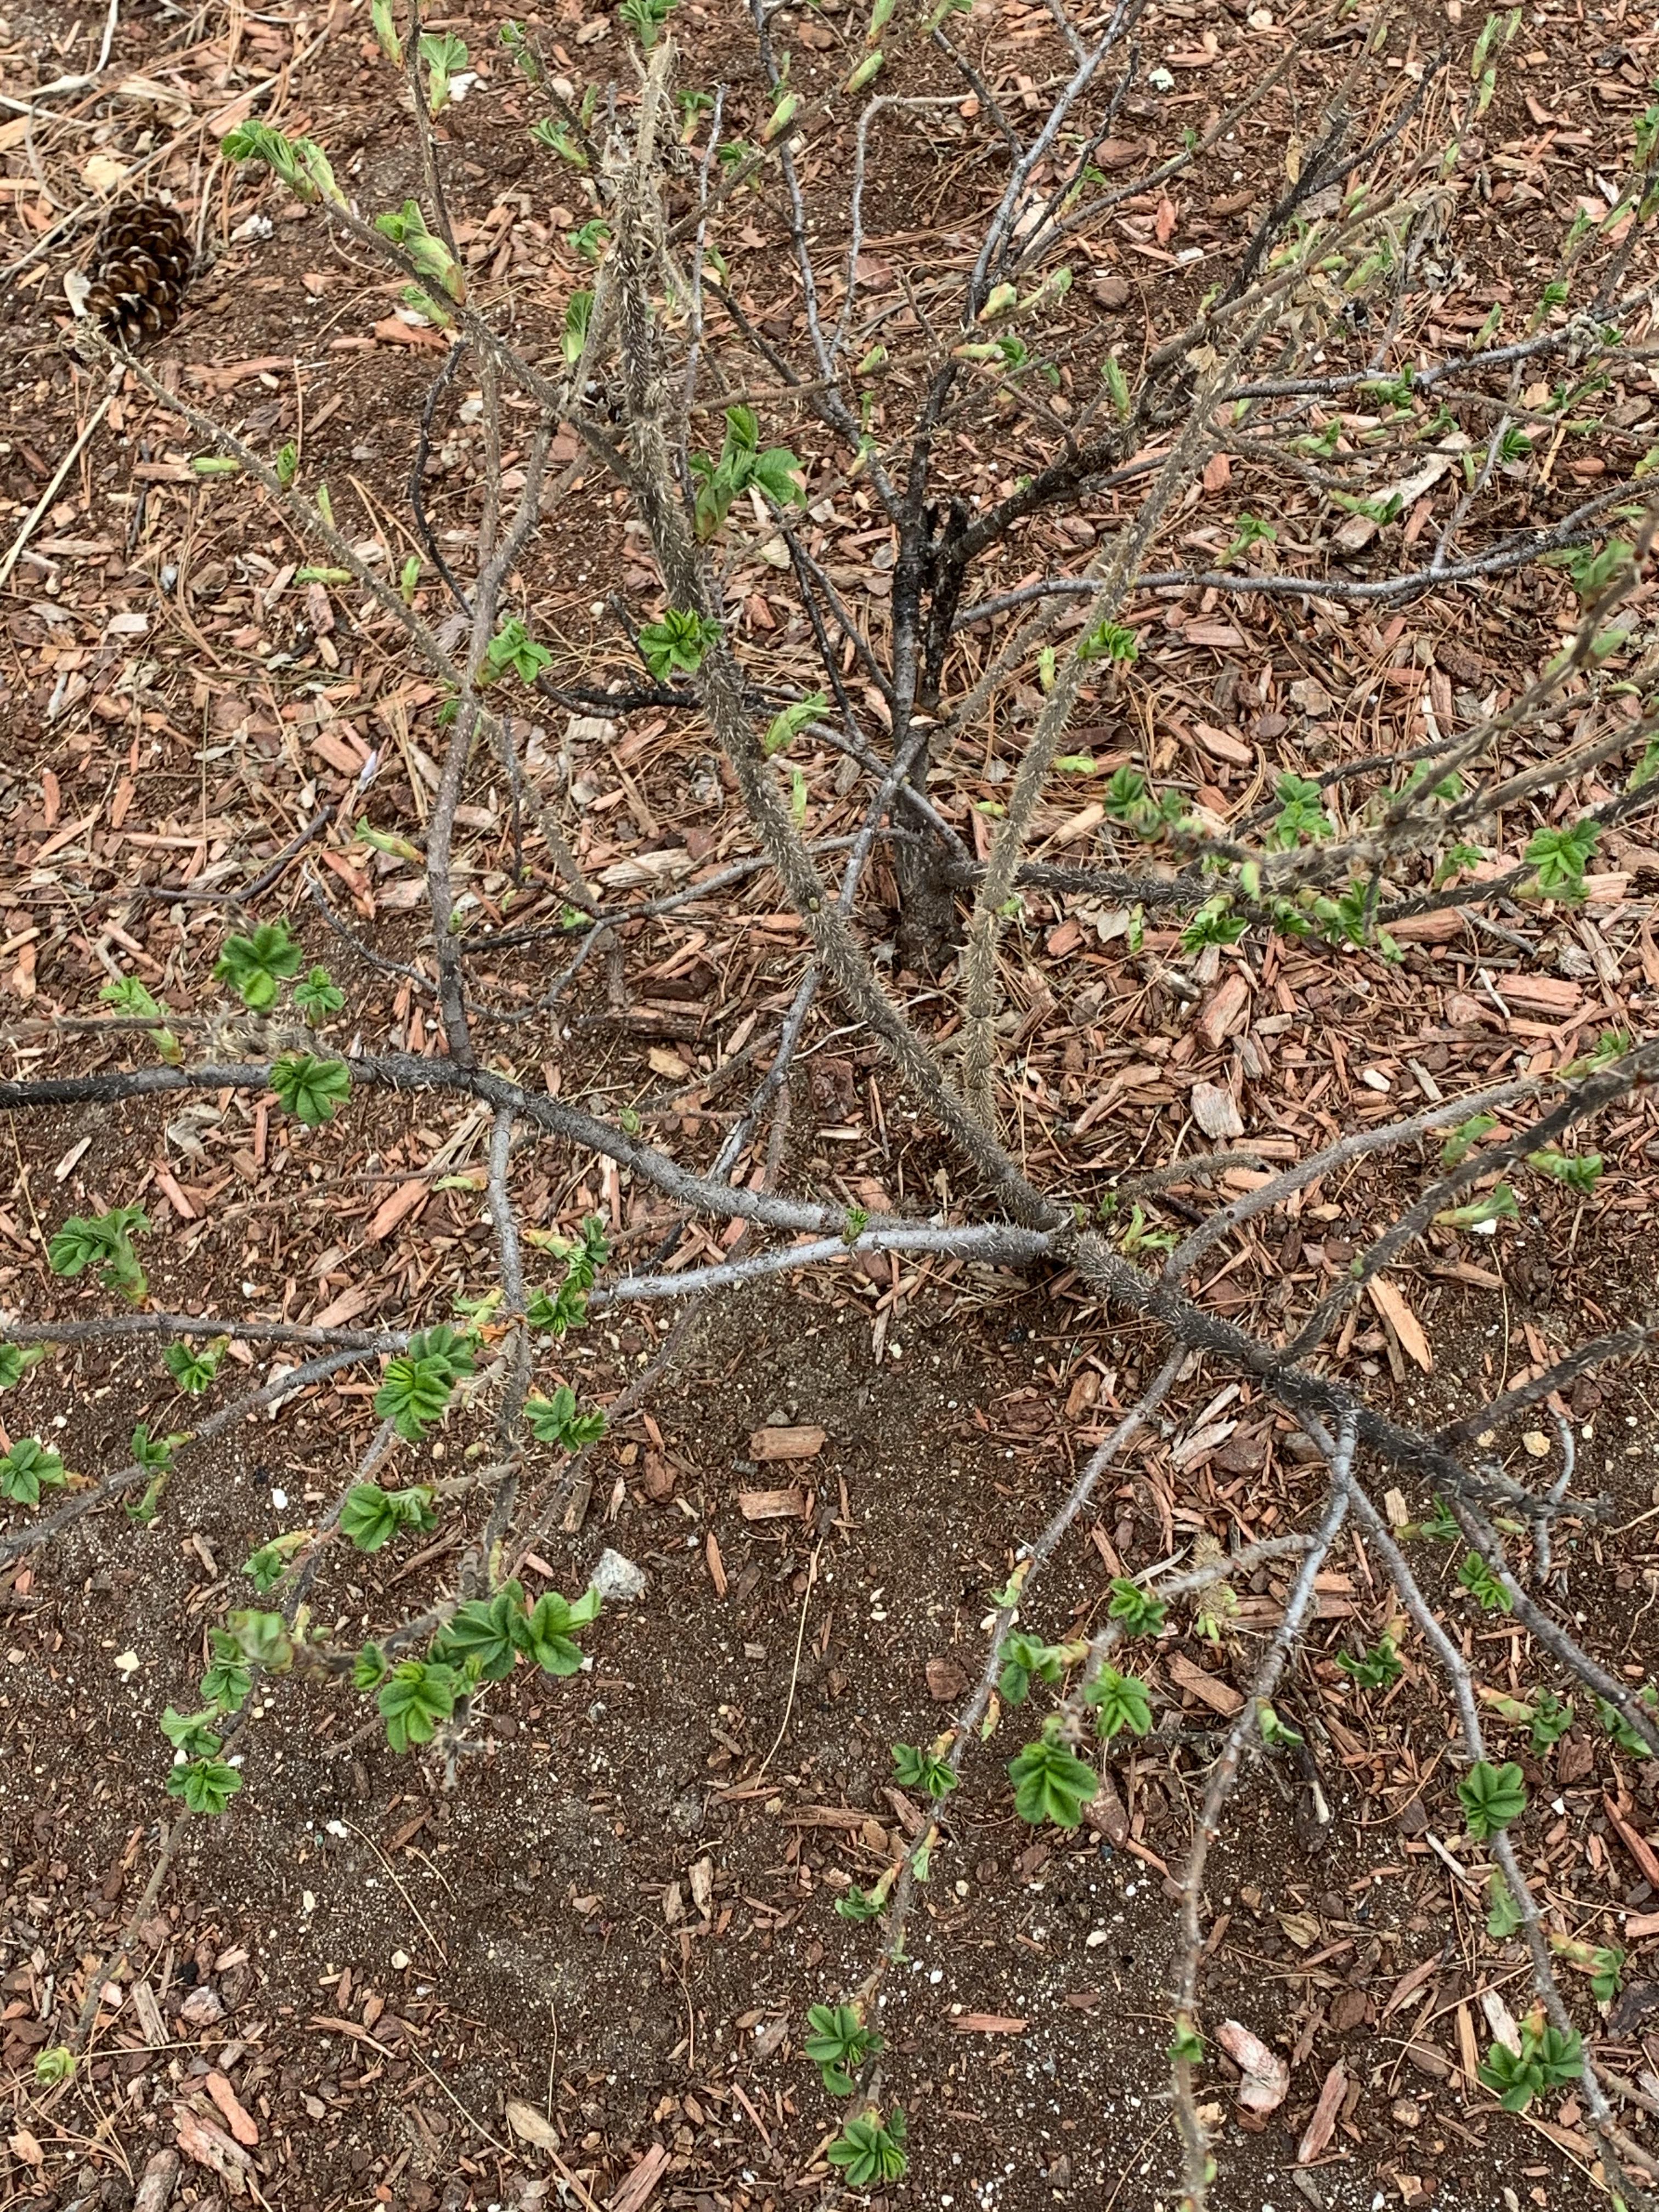 Bushes sproutin